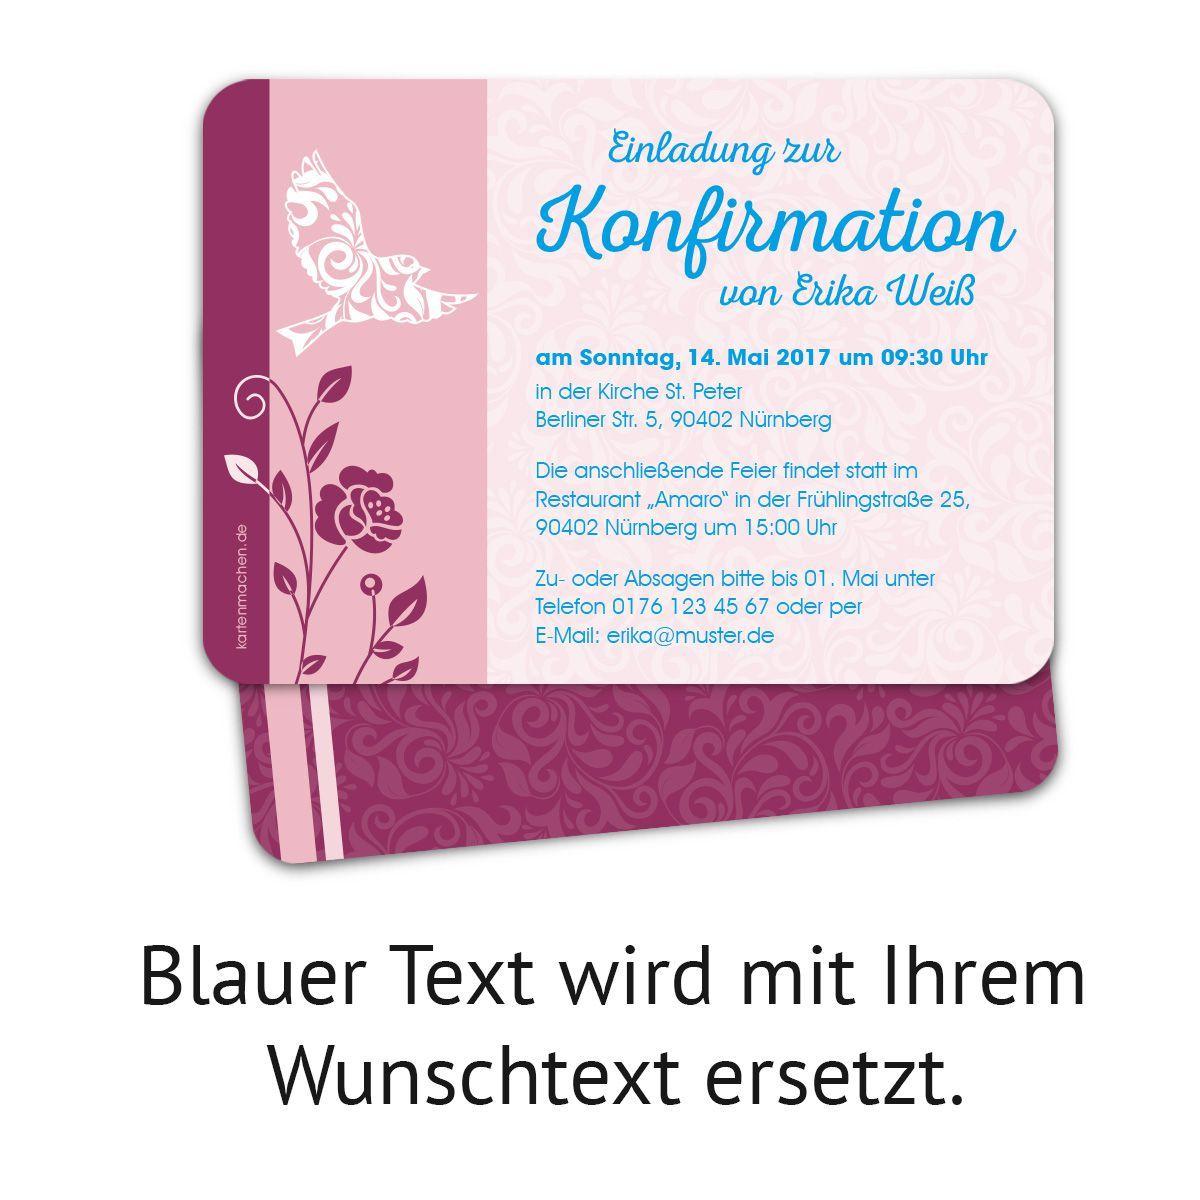 Einladung Konfirmation Vorlage Word Einladung Konfirmation Spruche Einladung Konfirmation Selber Einladung Konfirmation Einladungen Einladungskarten Gestalten